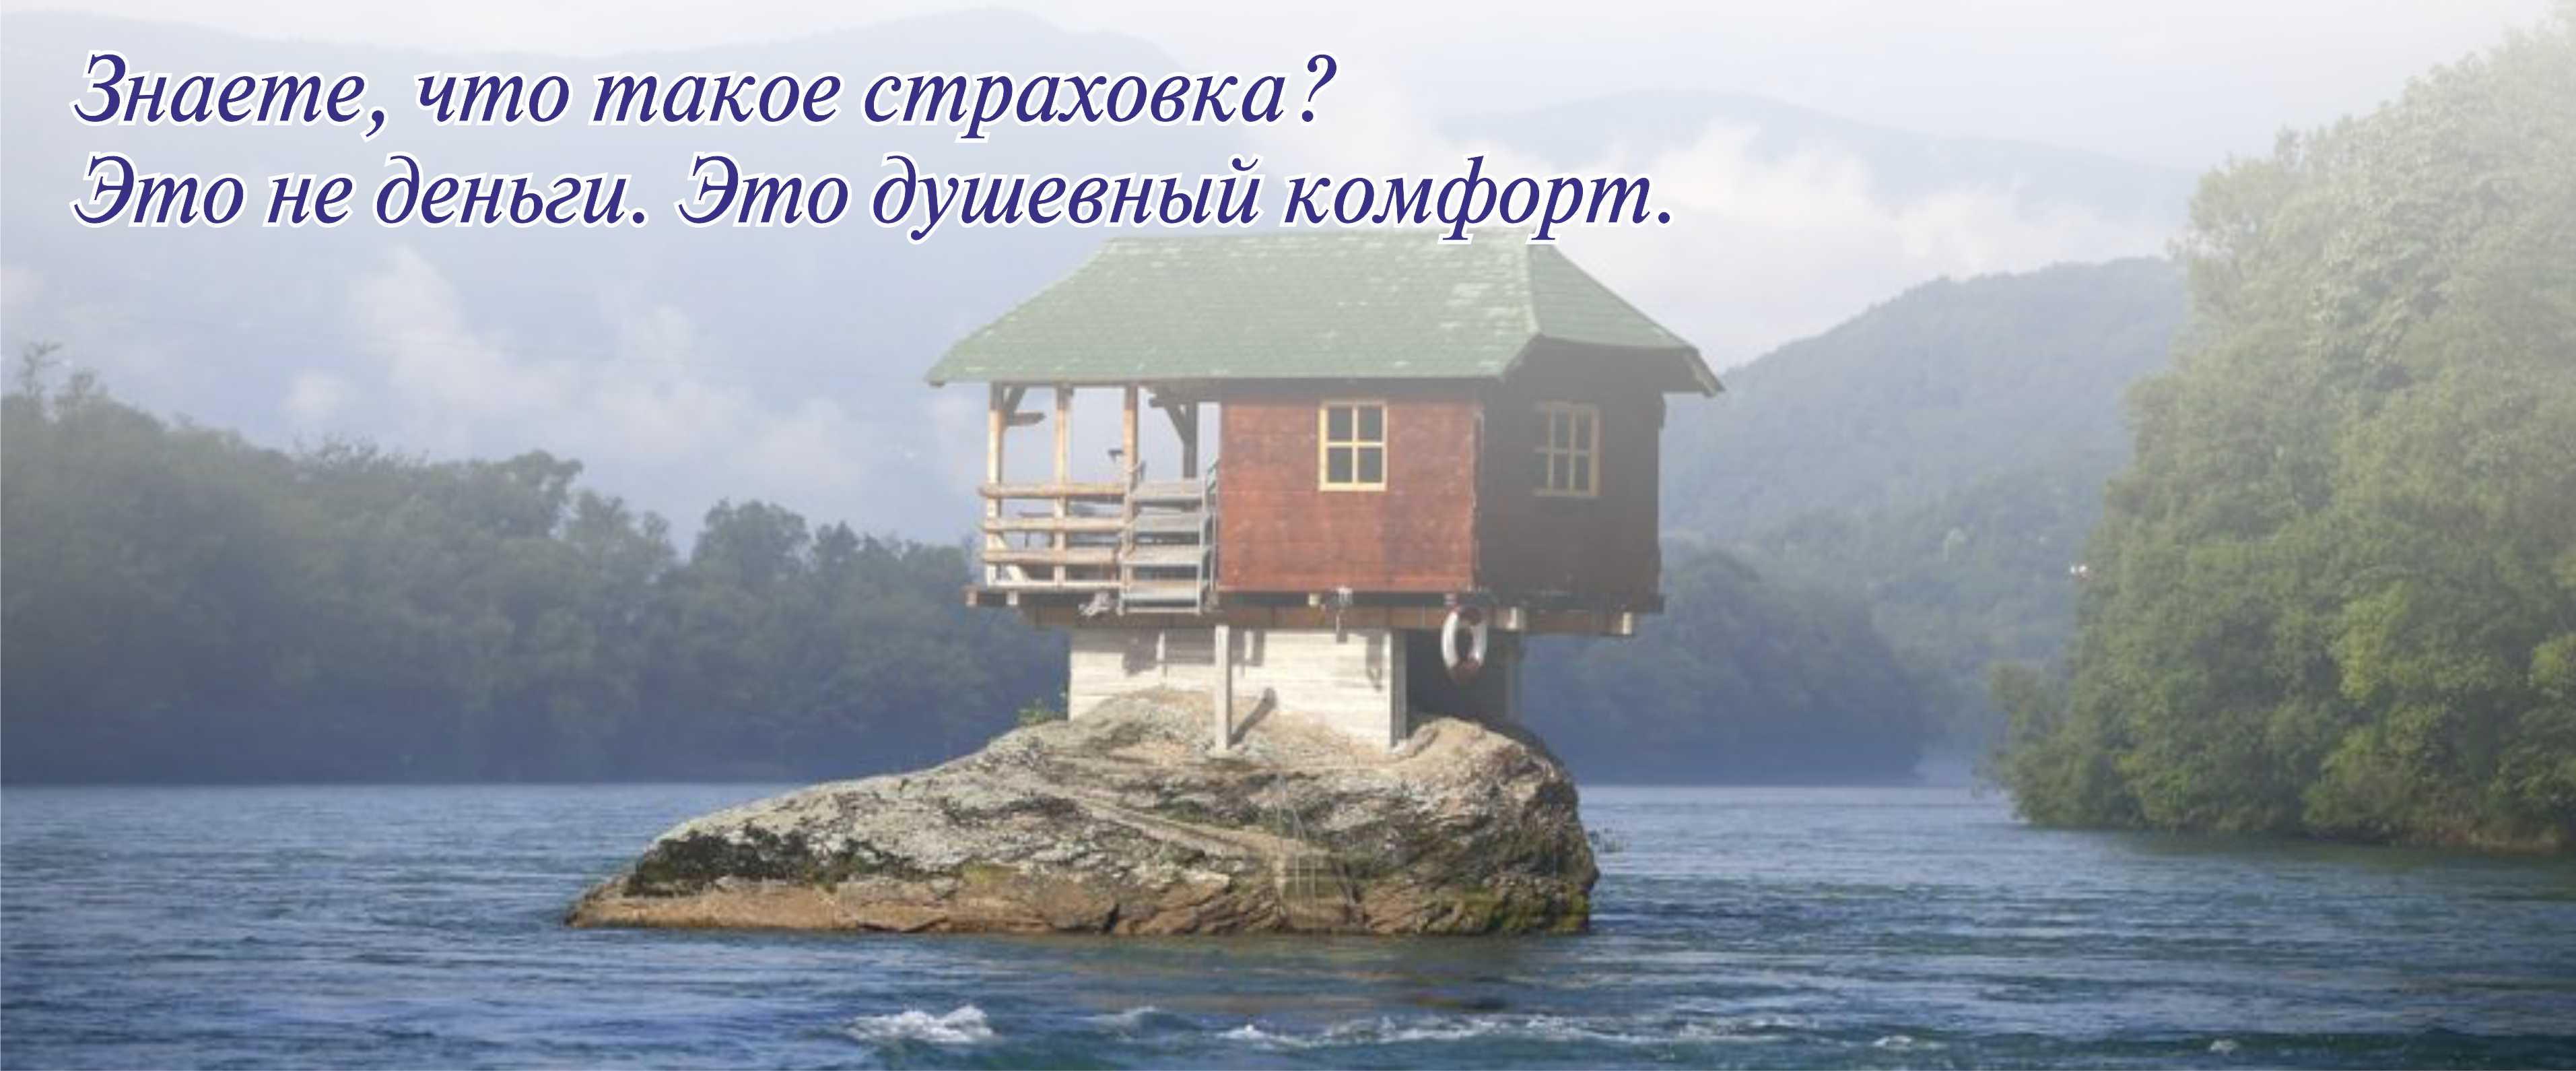 страхование жилья и имущества